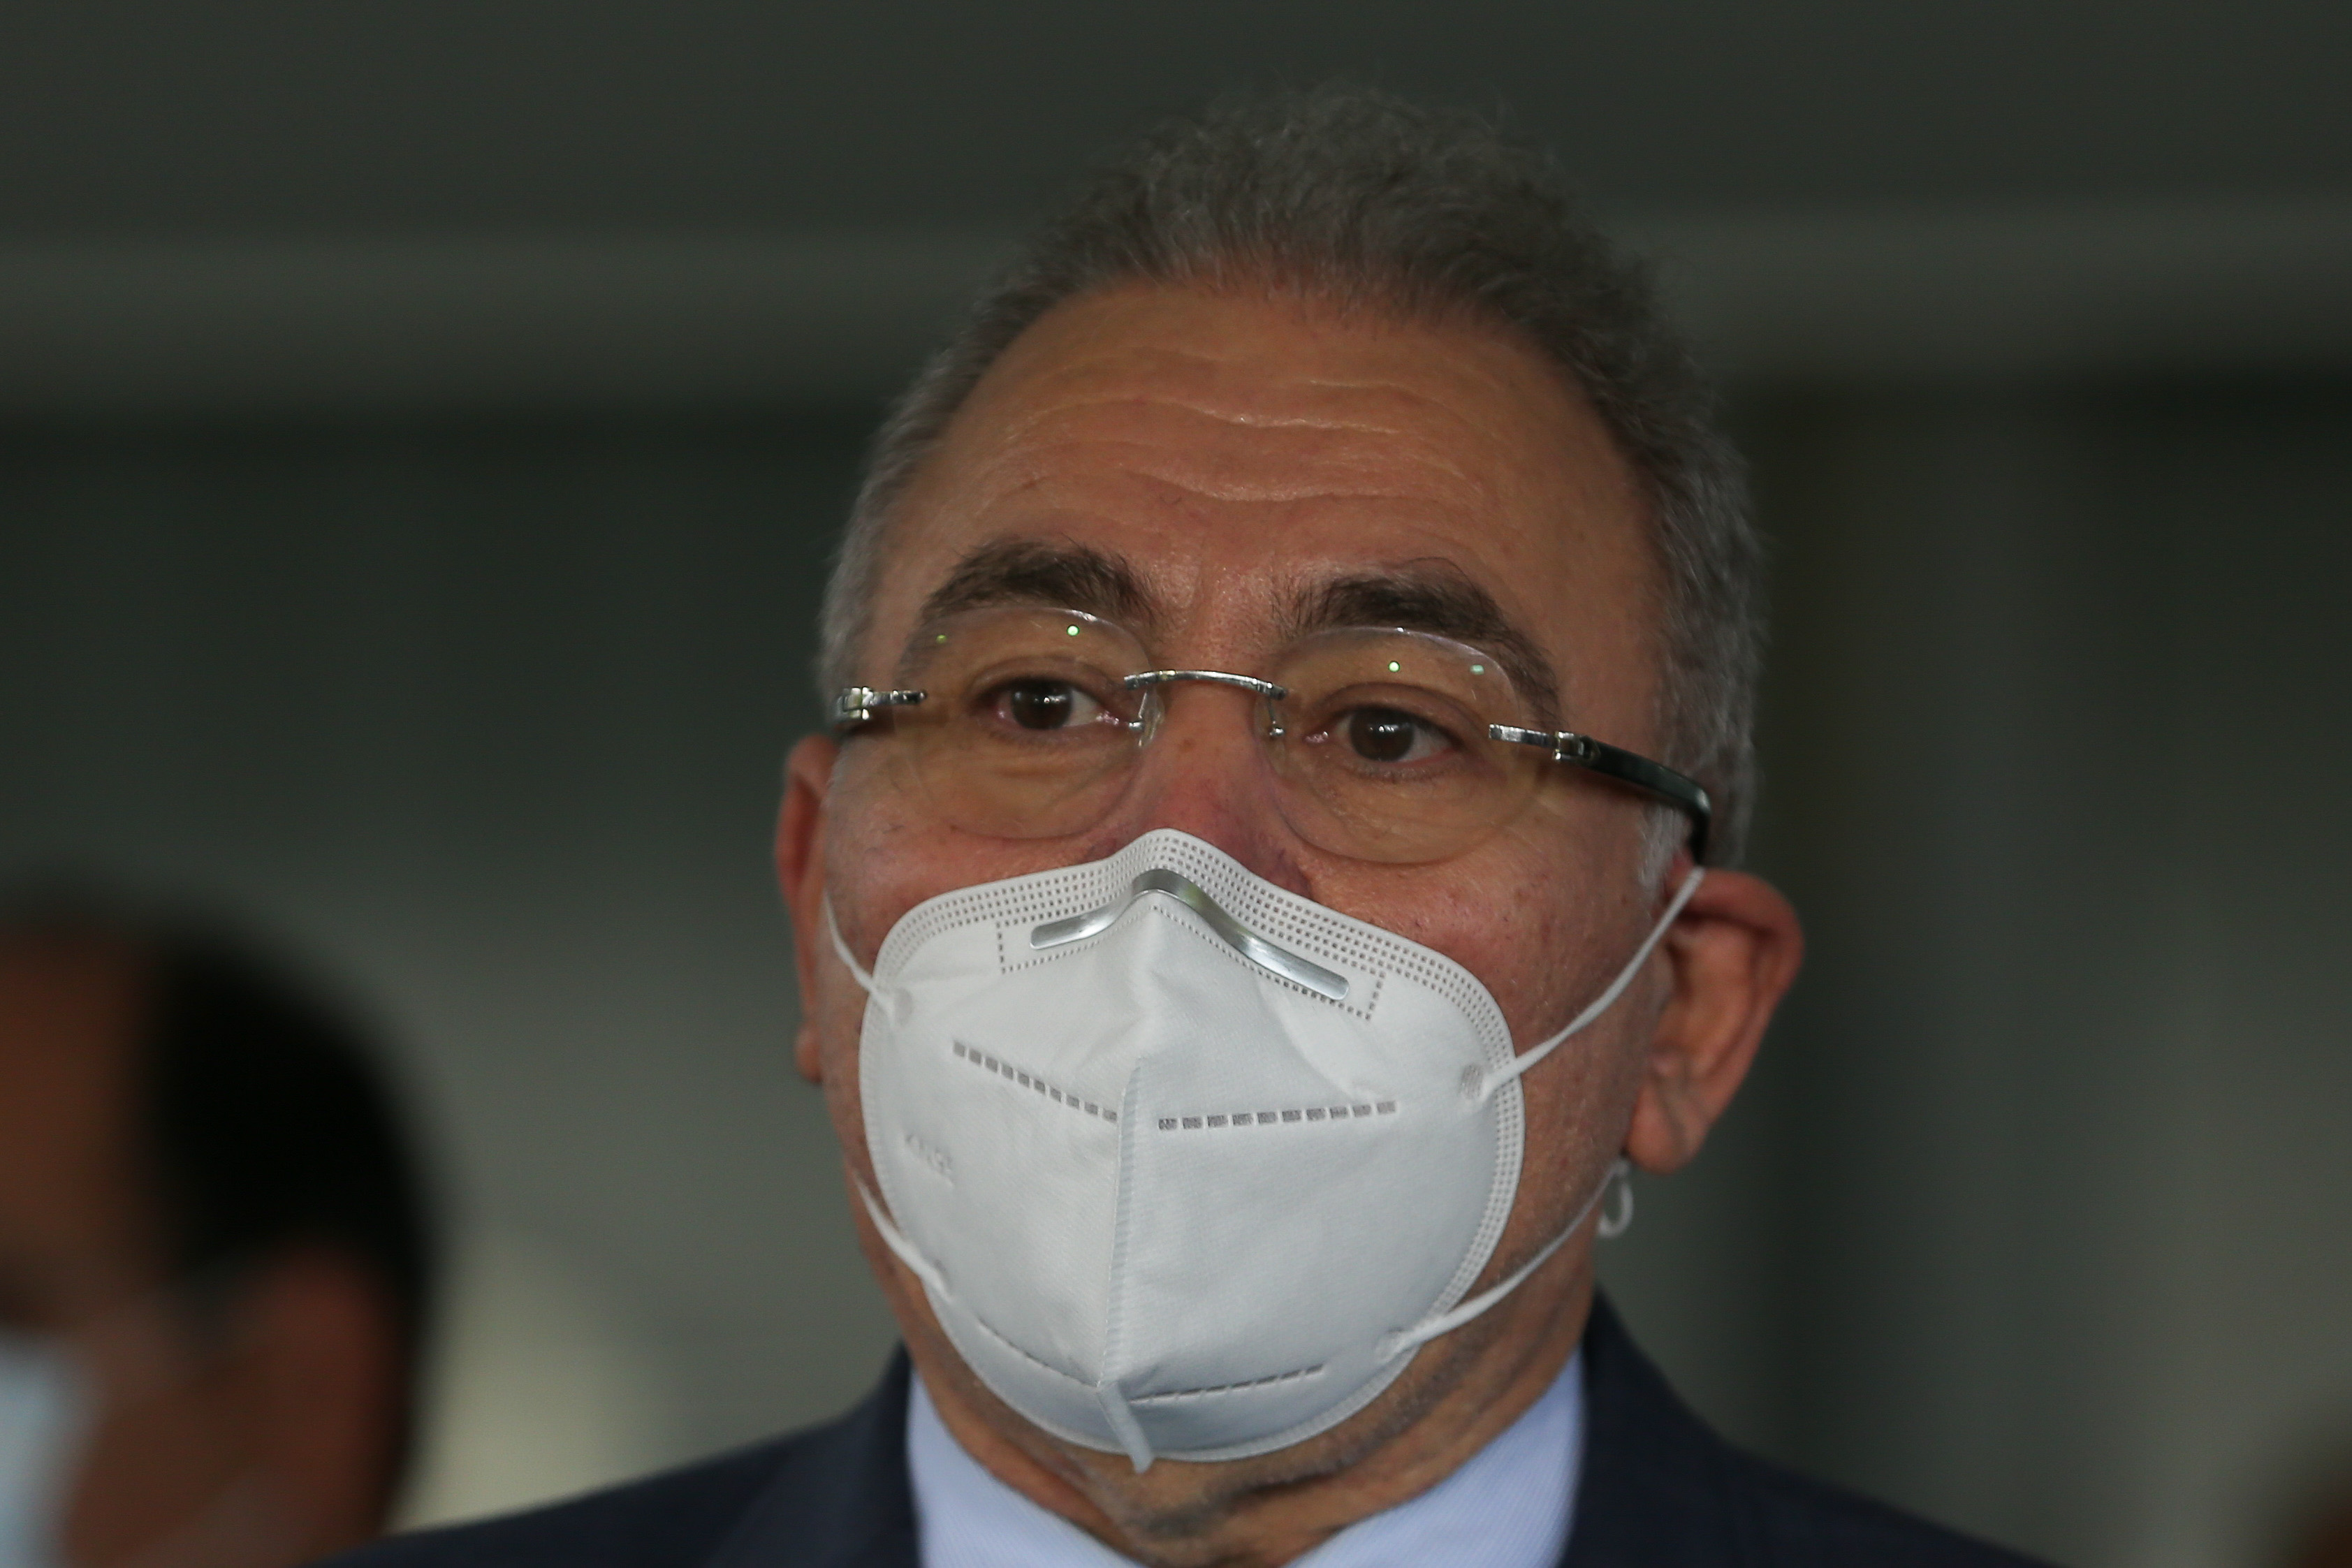 IMAGEM: Queiroga diz que fará campanha por 'uso racional' do oxigênio